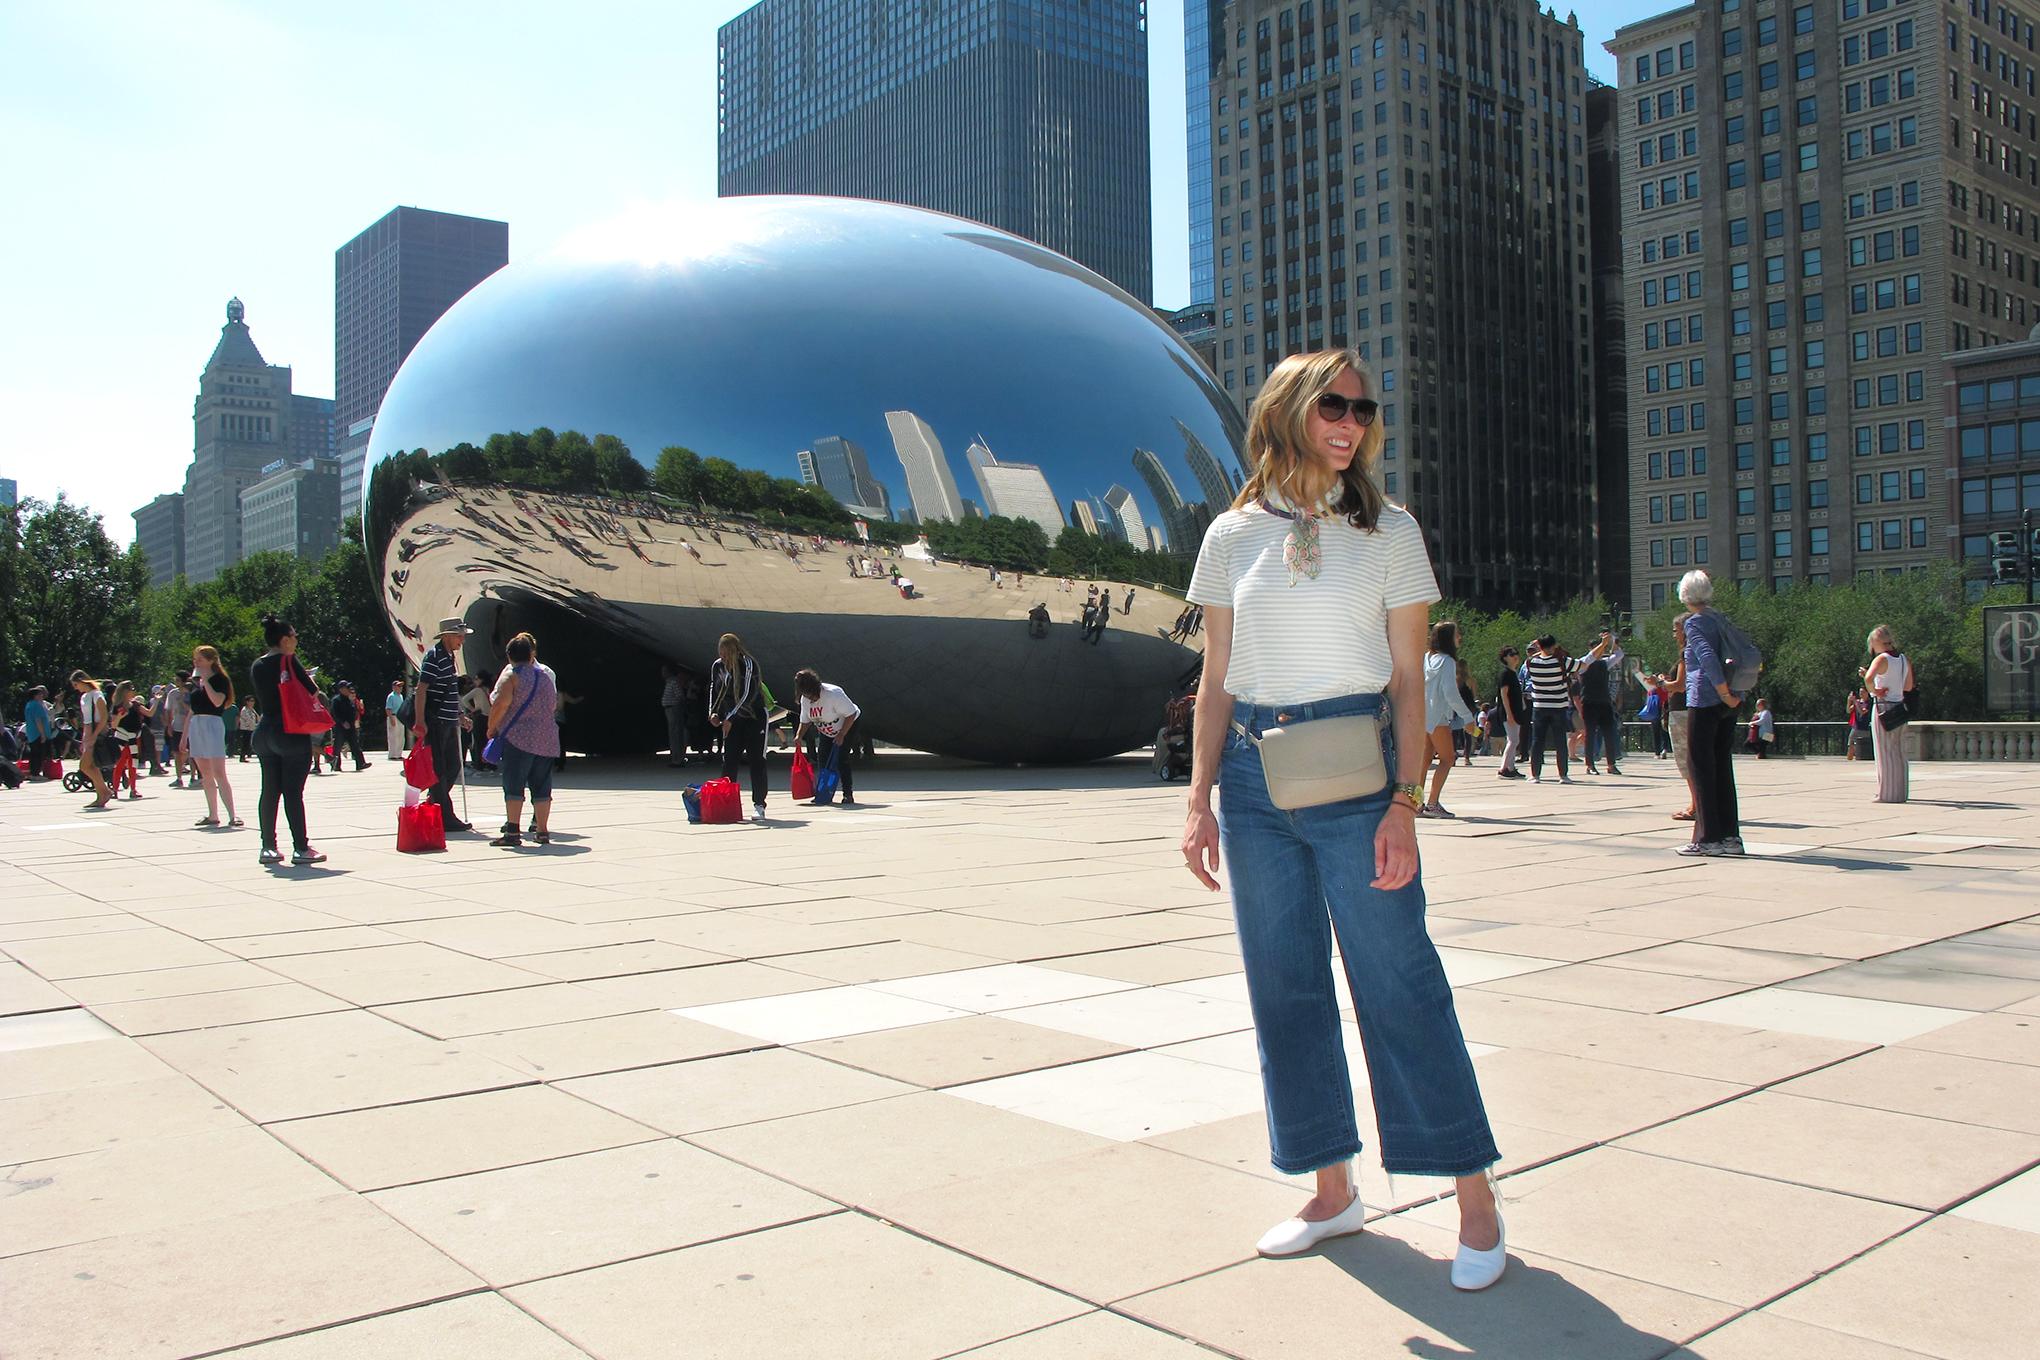 MoP_Chicago_00.JPG